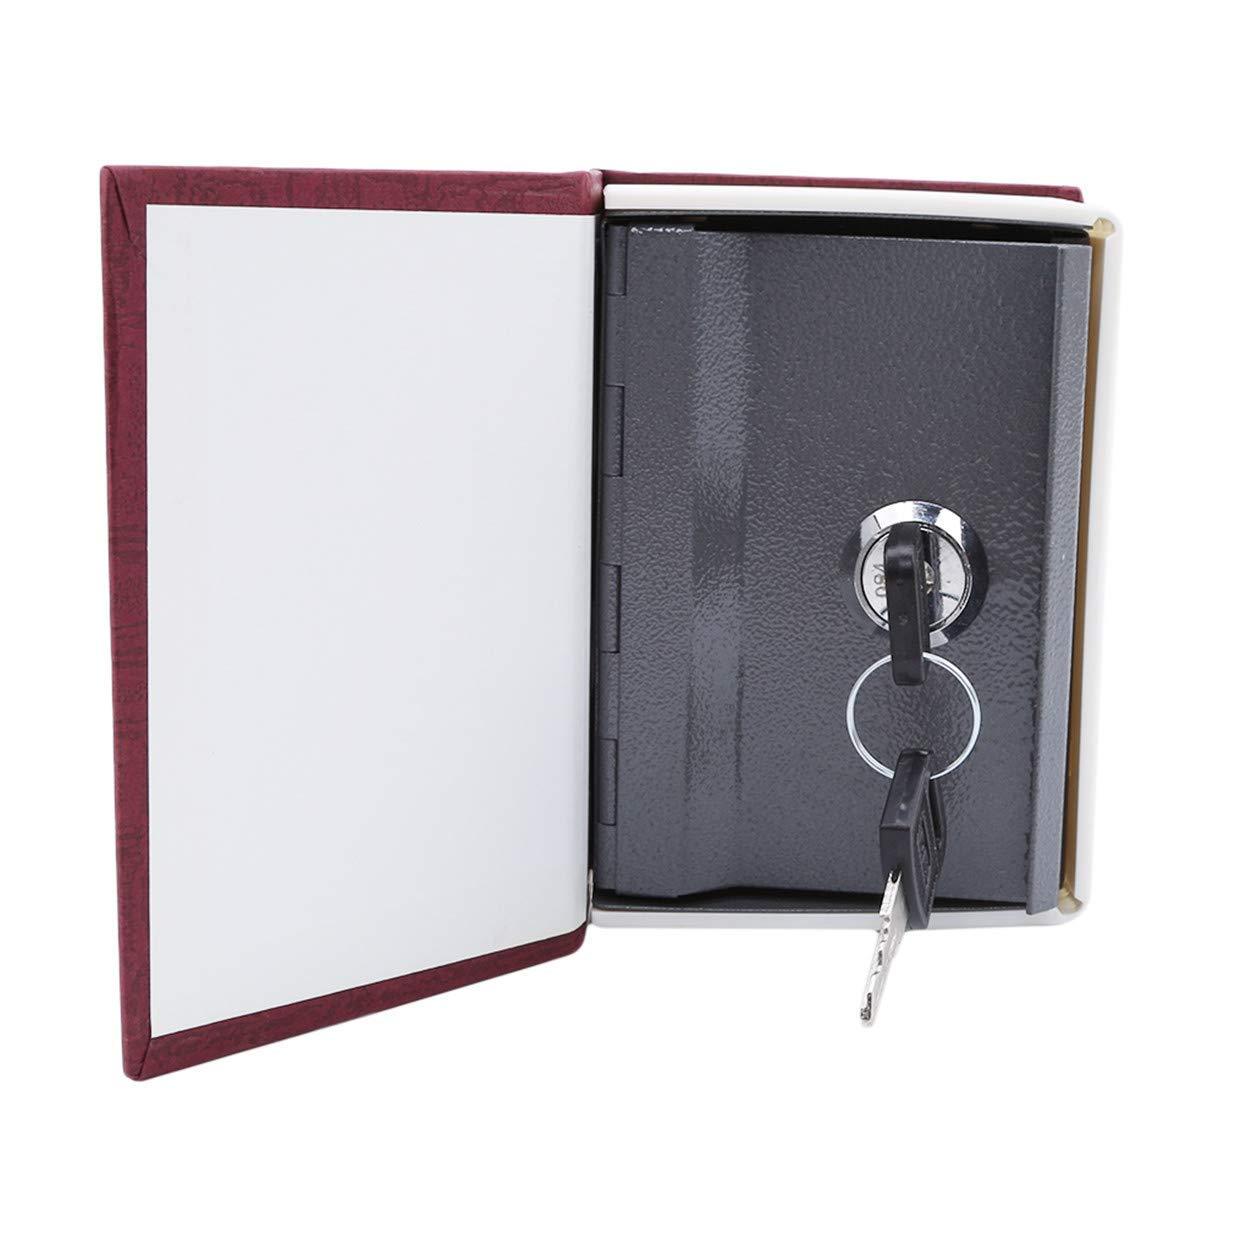 Ogquaton Haute Qualit/é Mini Dictionnaire Tirelire S/écurit/é S/écurit/é Verrouiller Largent Coin Stockage Bijoux Key Locker pour Kid Giftred